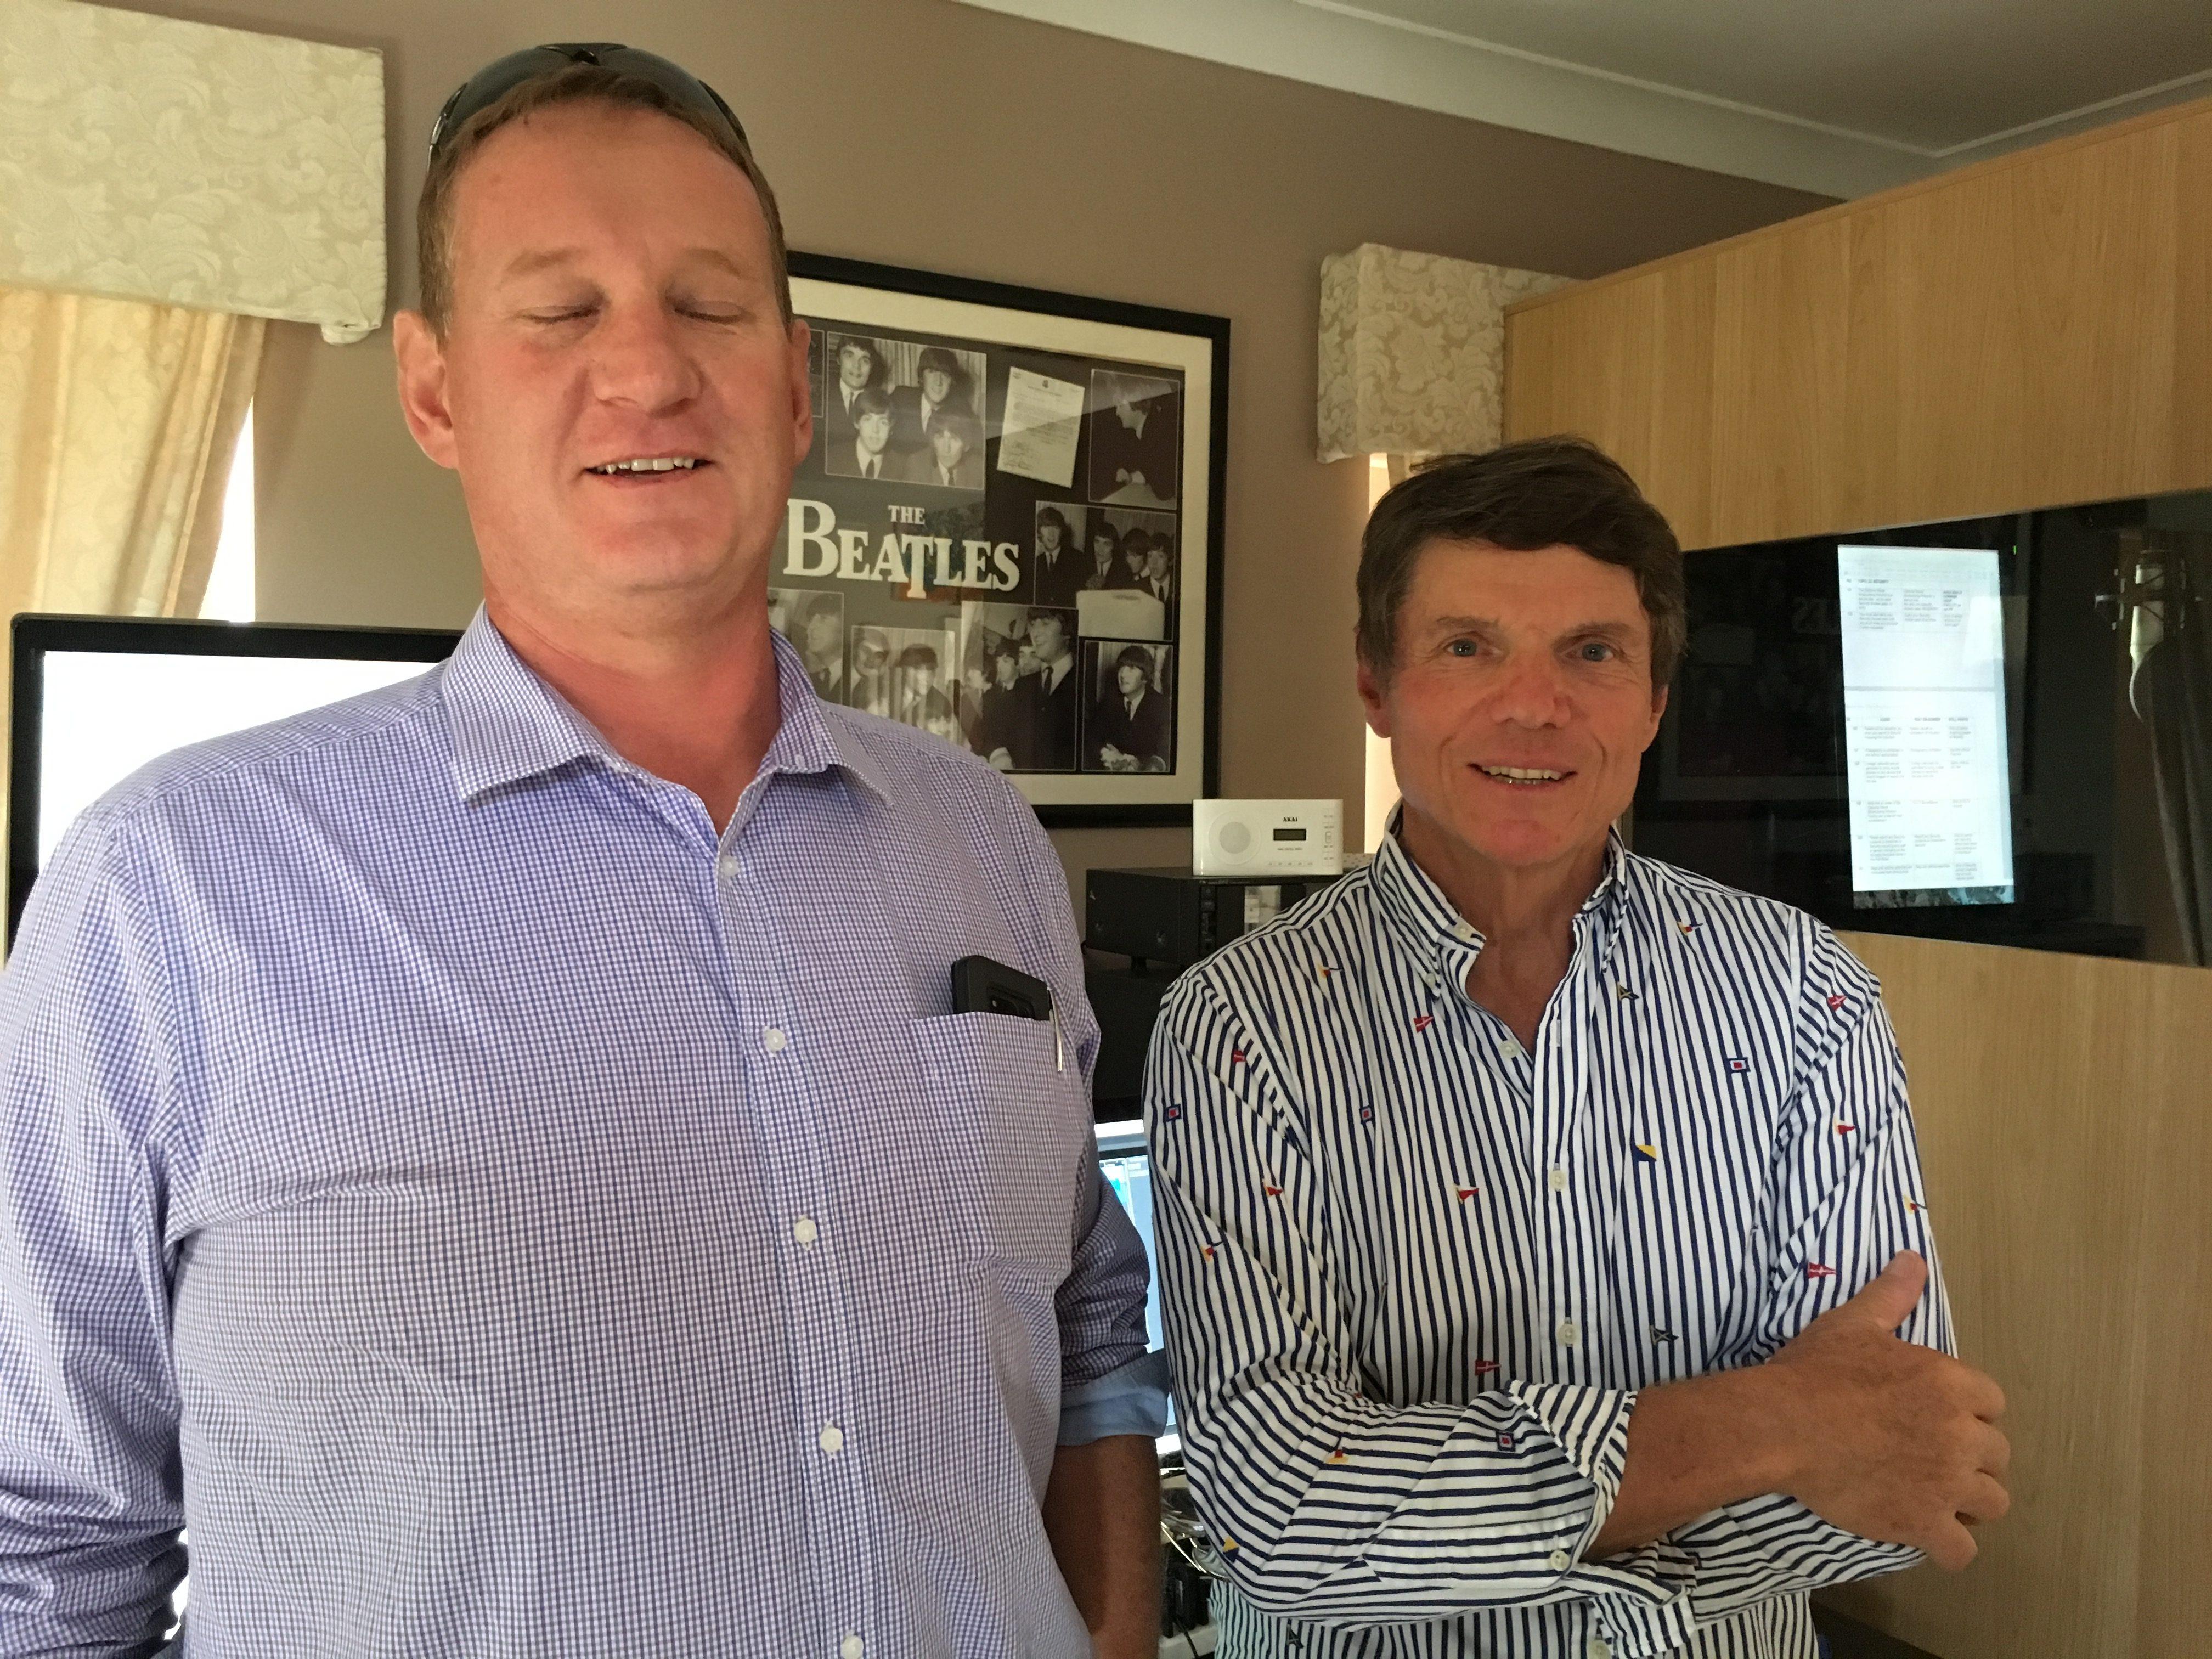 Paul Shinks & Steve Whitham